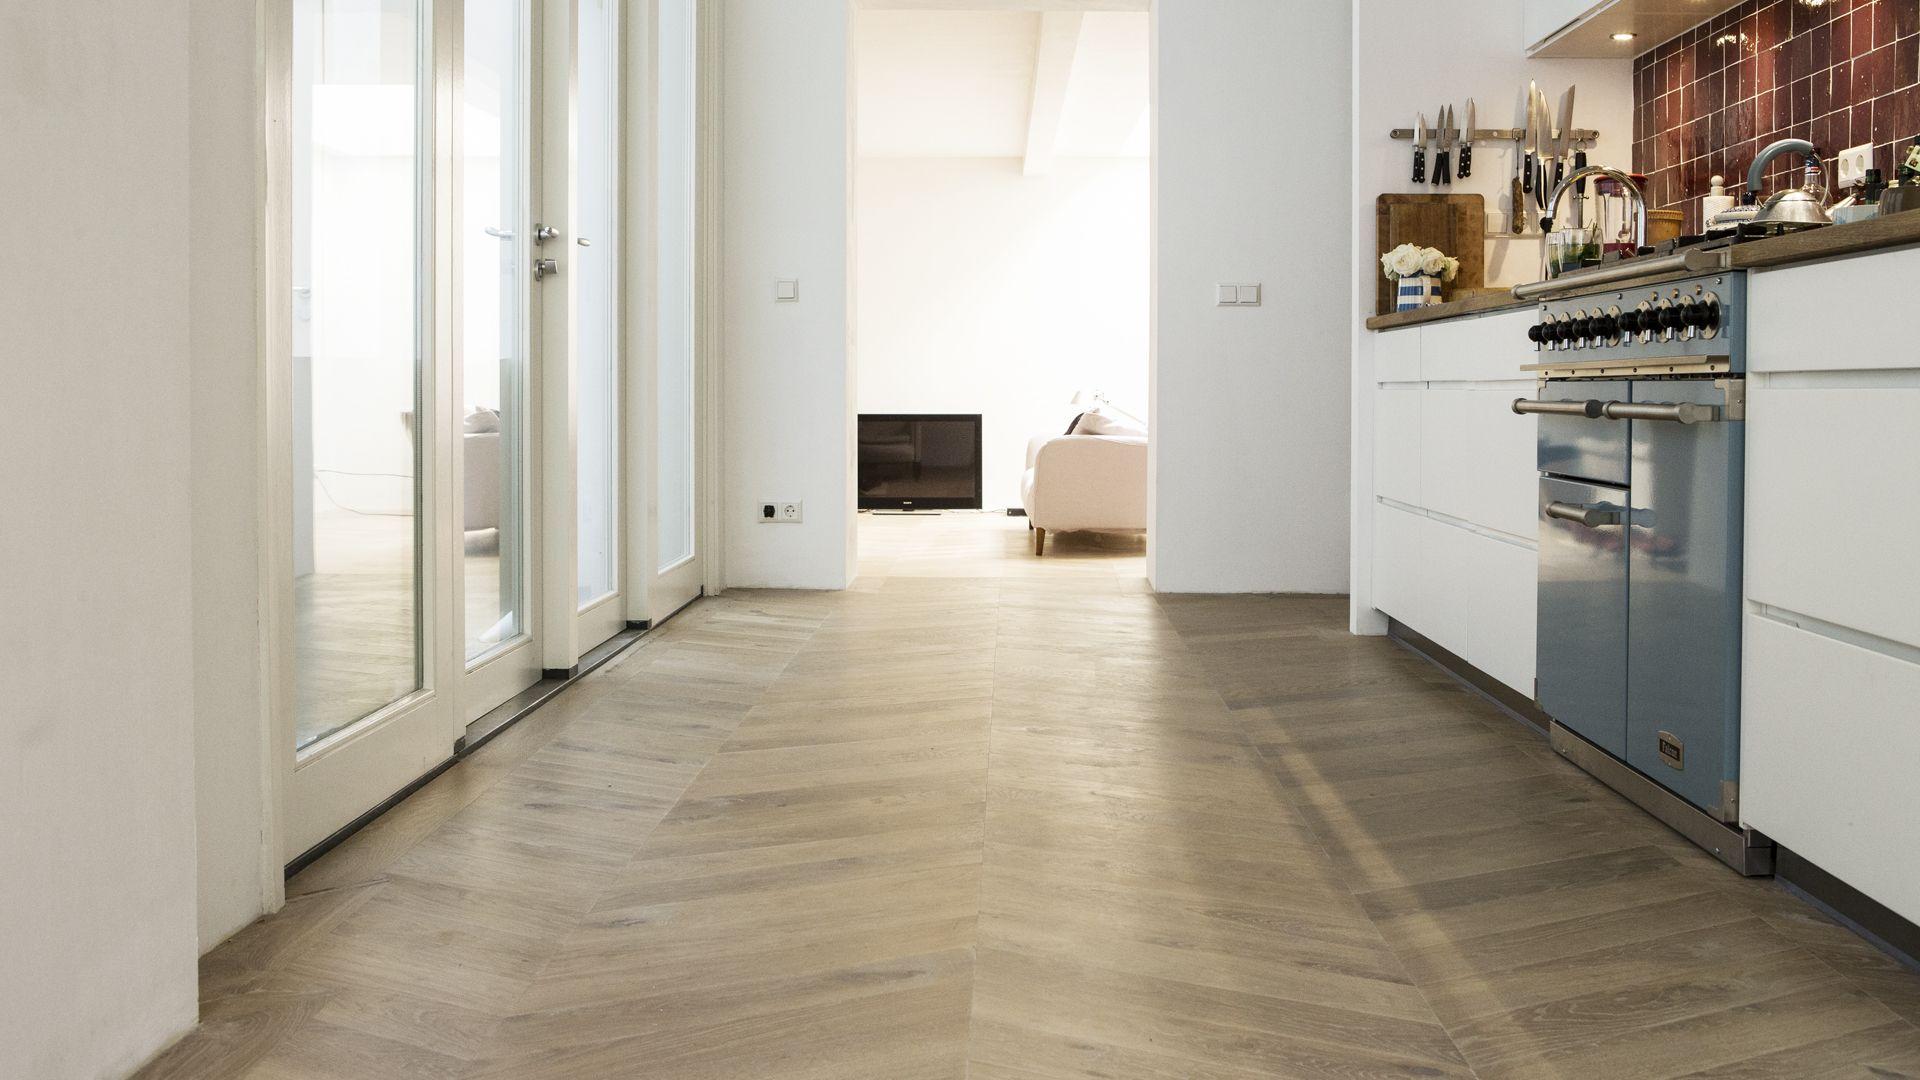 Keuken vloeren: een geschikte vloer vinden voor je keuken is niet ...